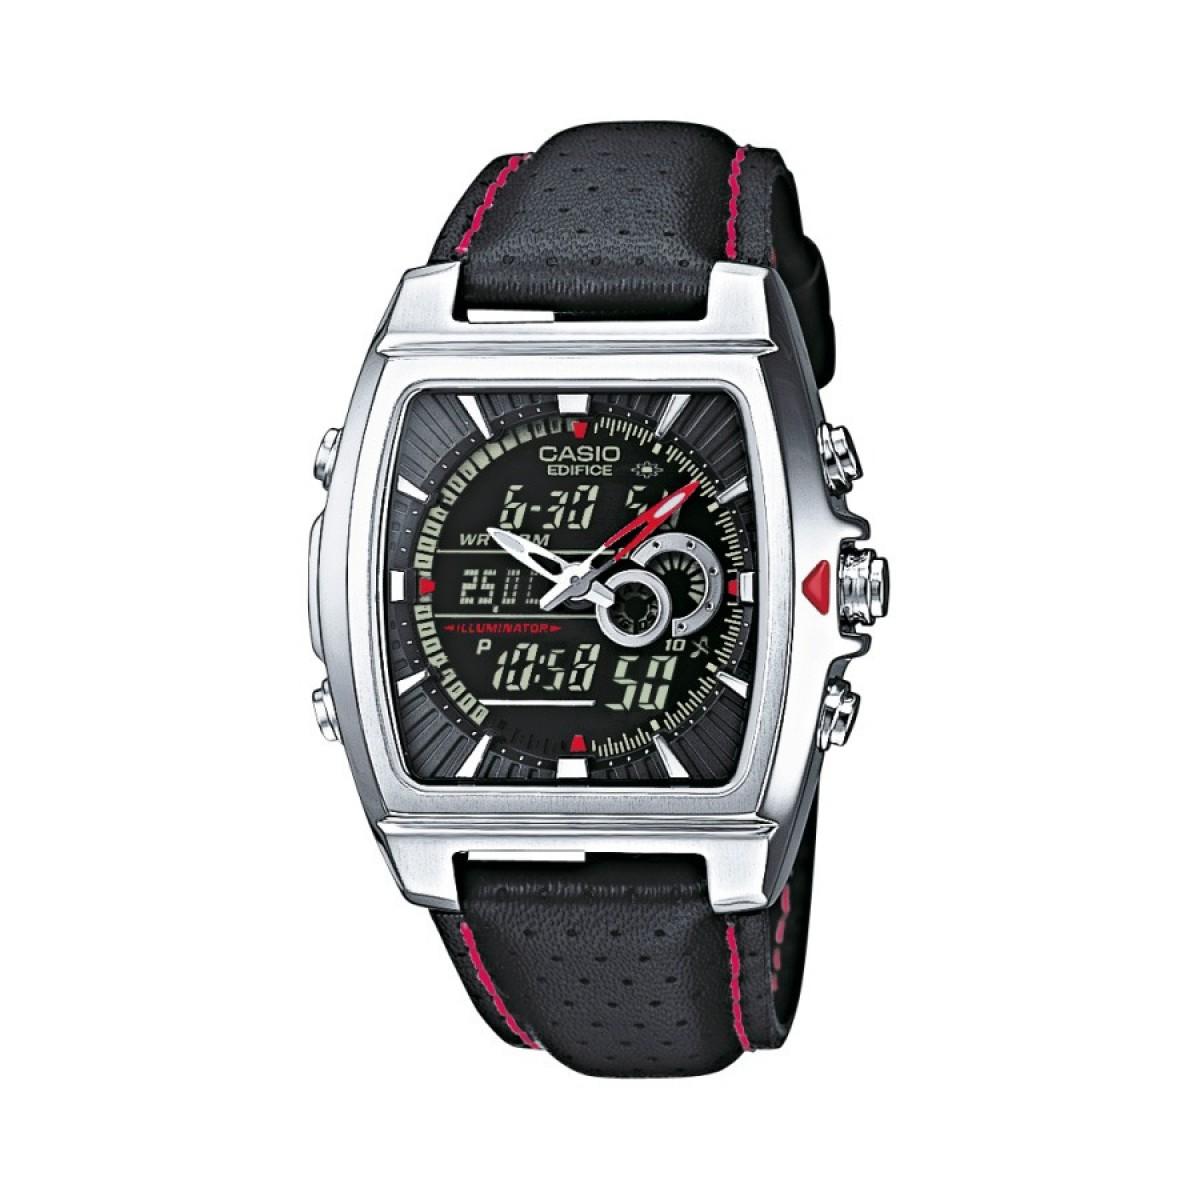 Часовник Casio EFA-120L-1A1VEF